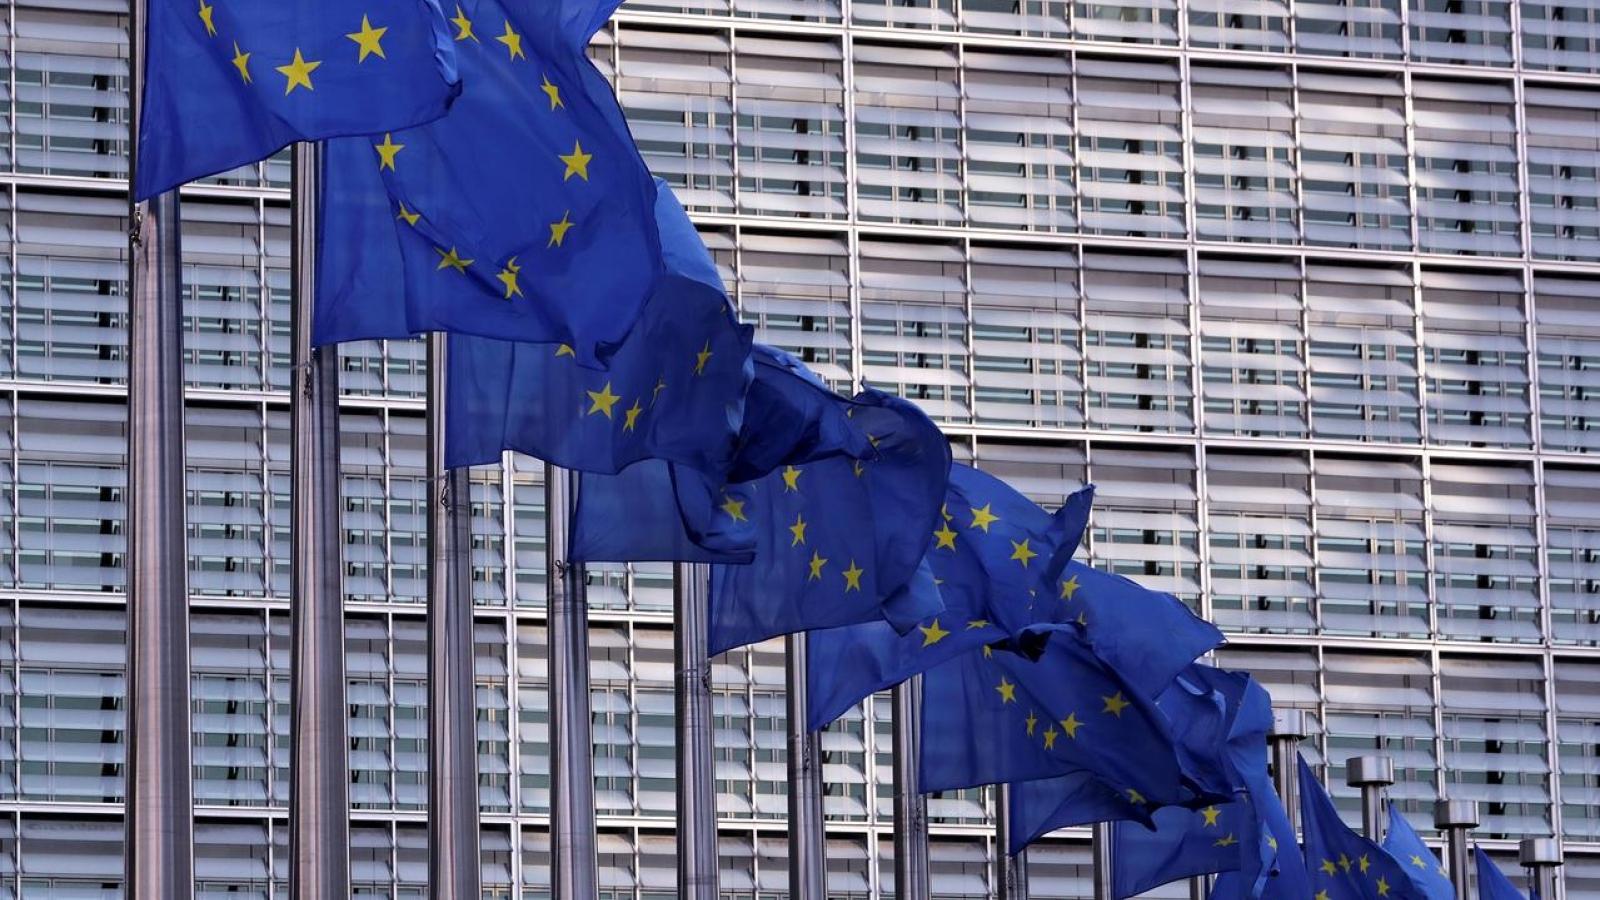 Châu Âu năm 2020: Khủng khiếp và thay đổi sâu sắc